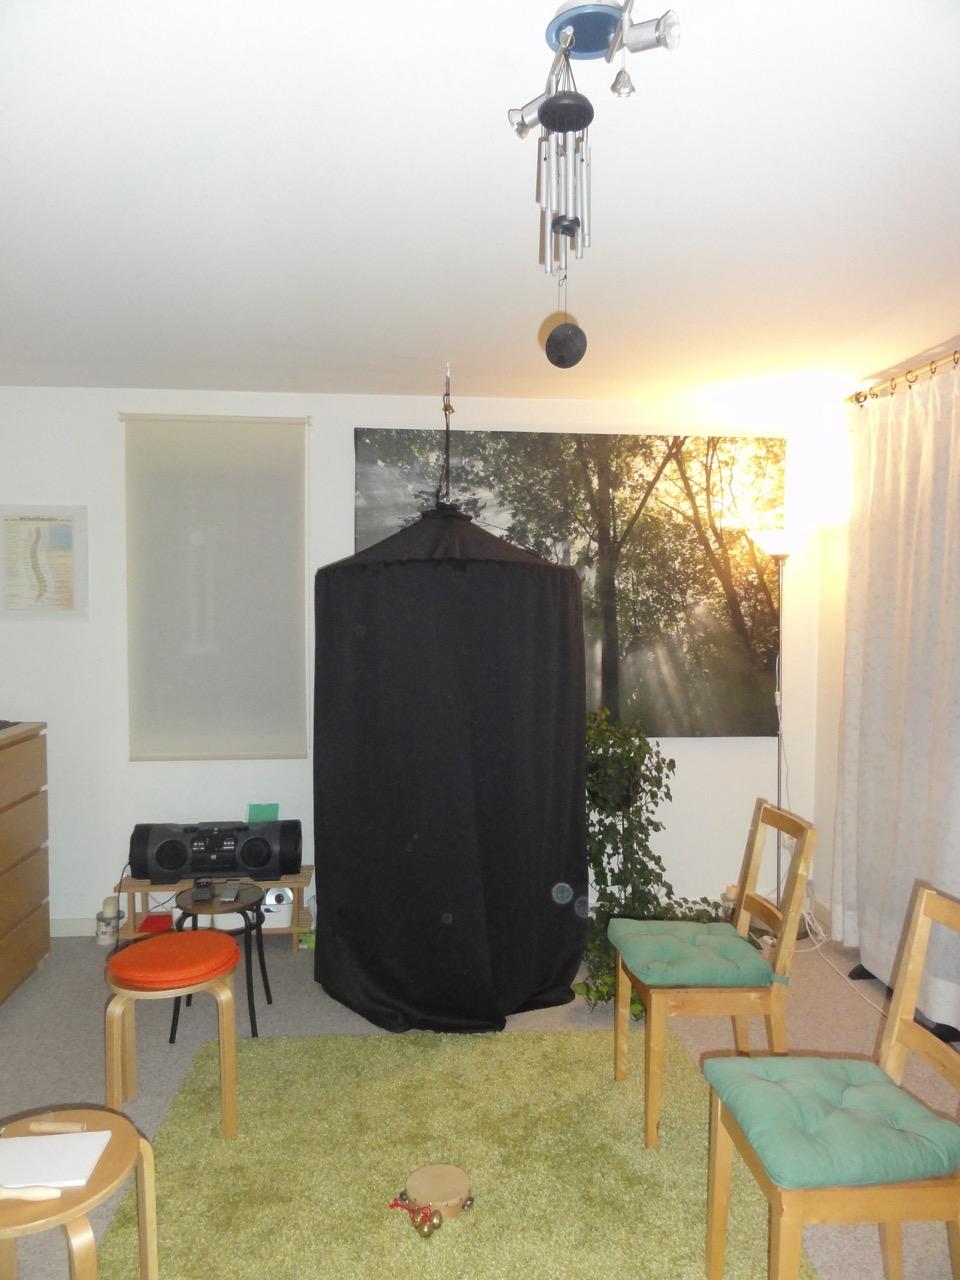 Séanceraum mit Kabinett und 'Spirit-Lichtlein' (Orbs) - 3